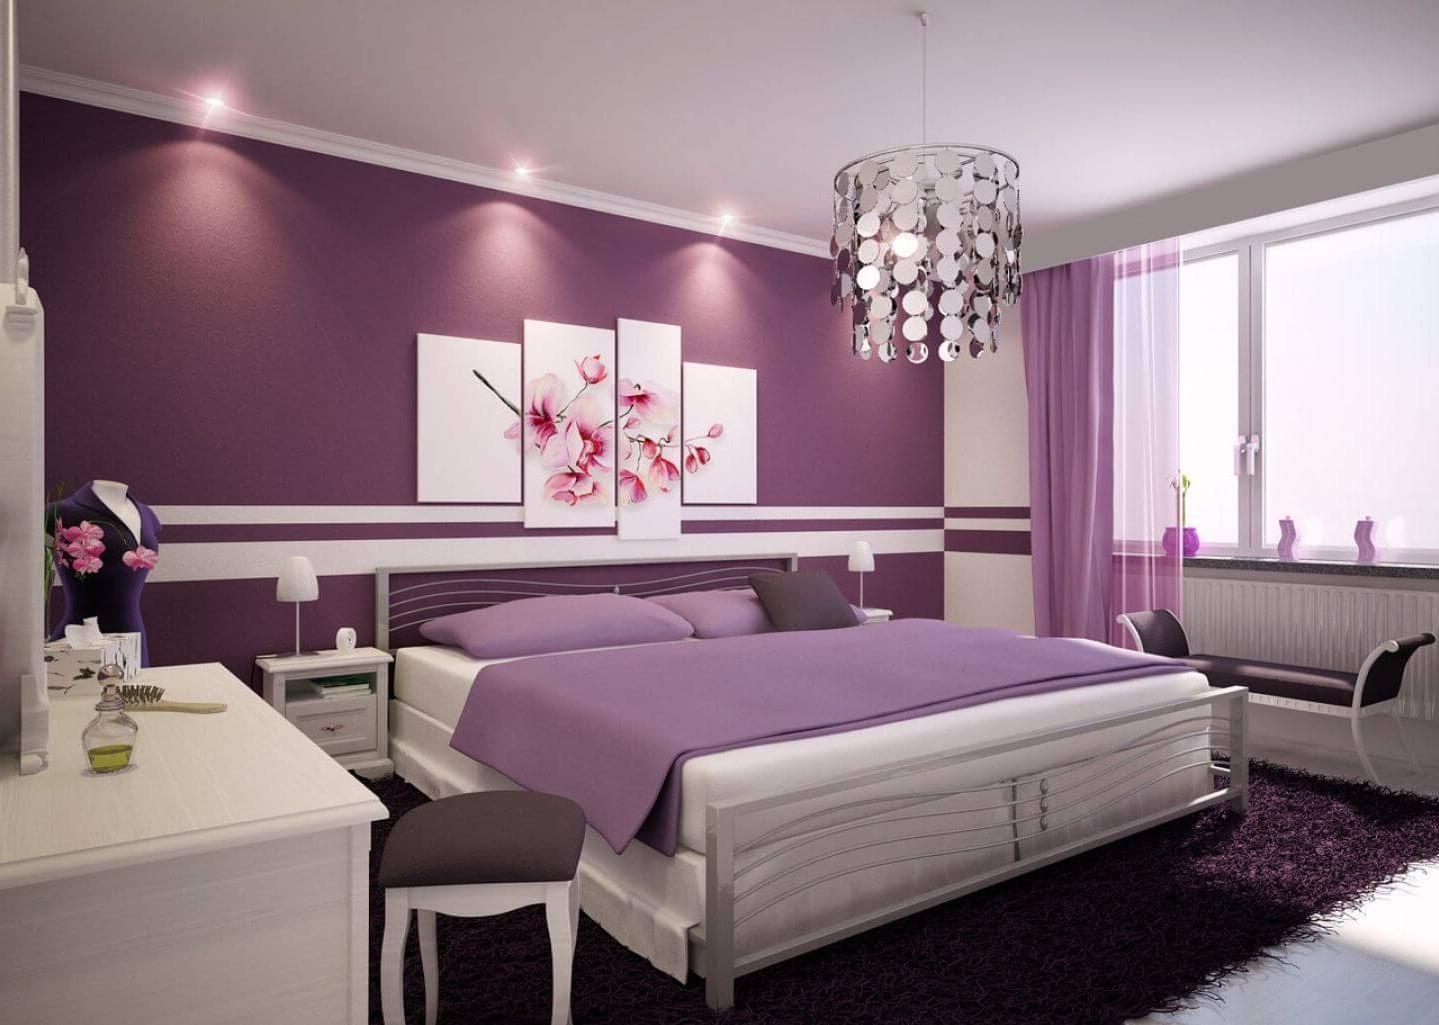 монохромный стиль освещения в спальне - один цвет много значений